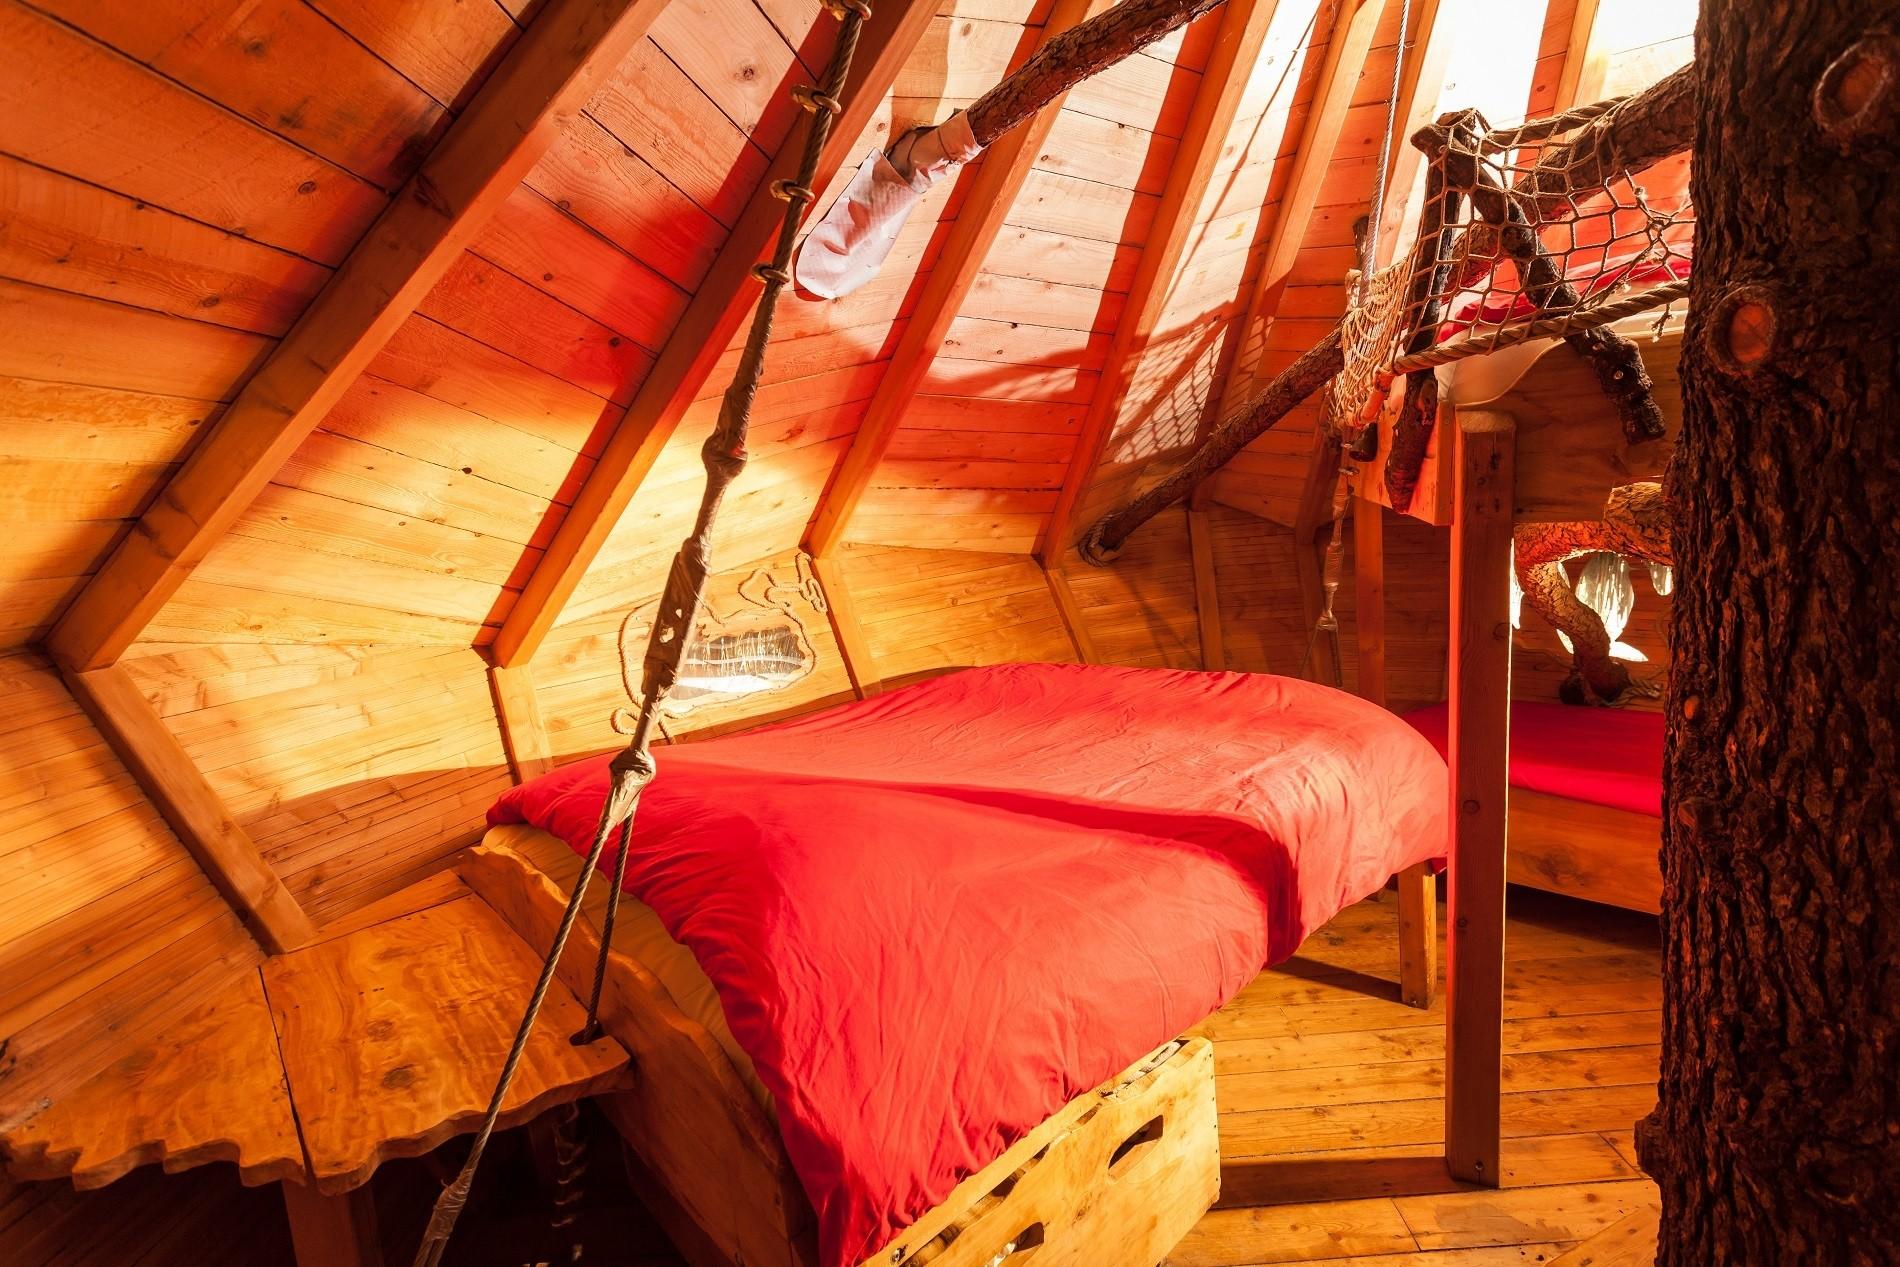 Photo 12 intérieur - Cabanes dans les arbres - Crécerelle -hébergement insolite à Montpellier - Tourisme de nature - Domaine saint Jean de l'Arbousier, Castries, Hérault